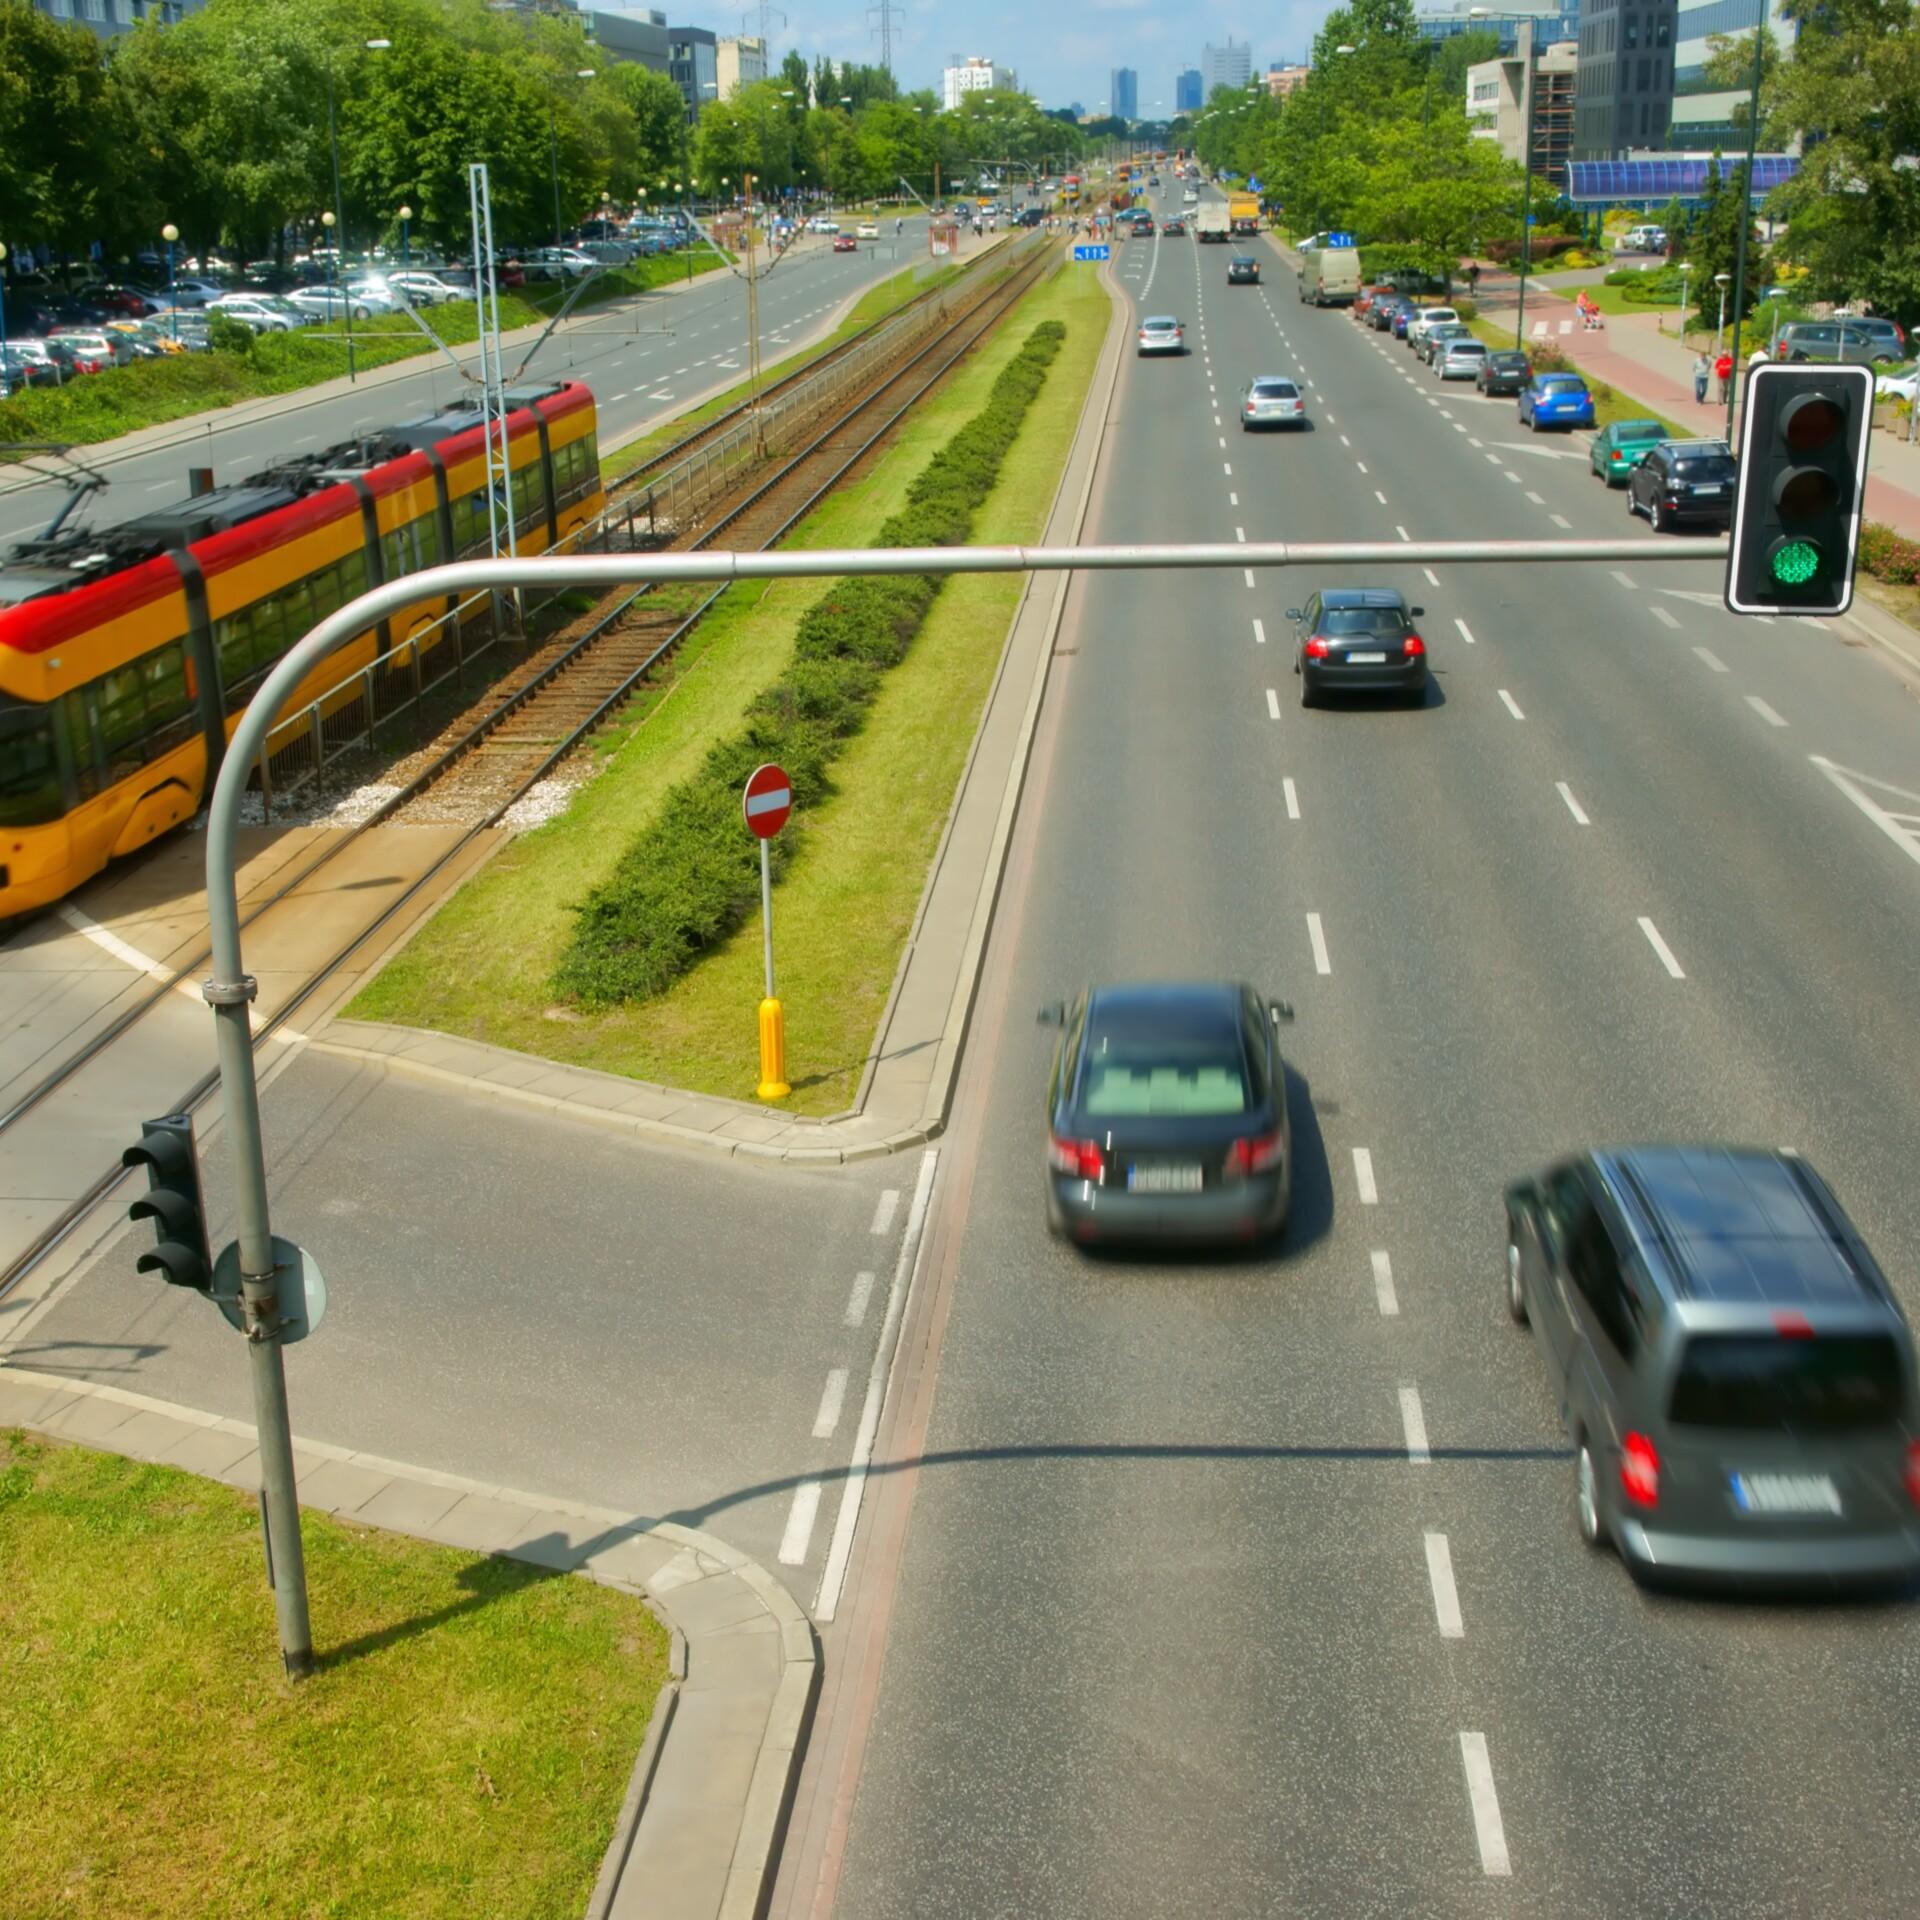 Großstadtverkehr mit Autos, Tram und Ampel